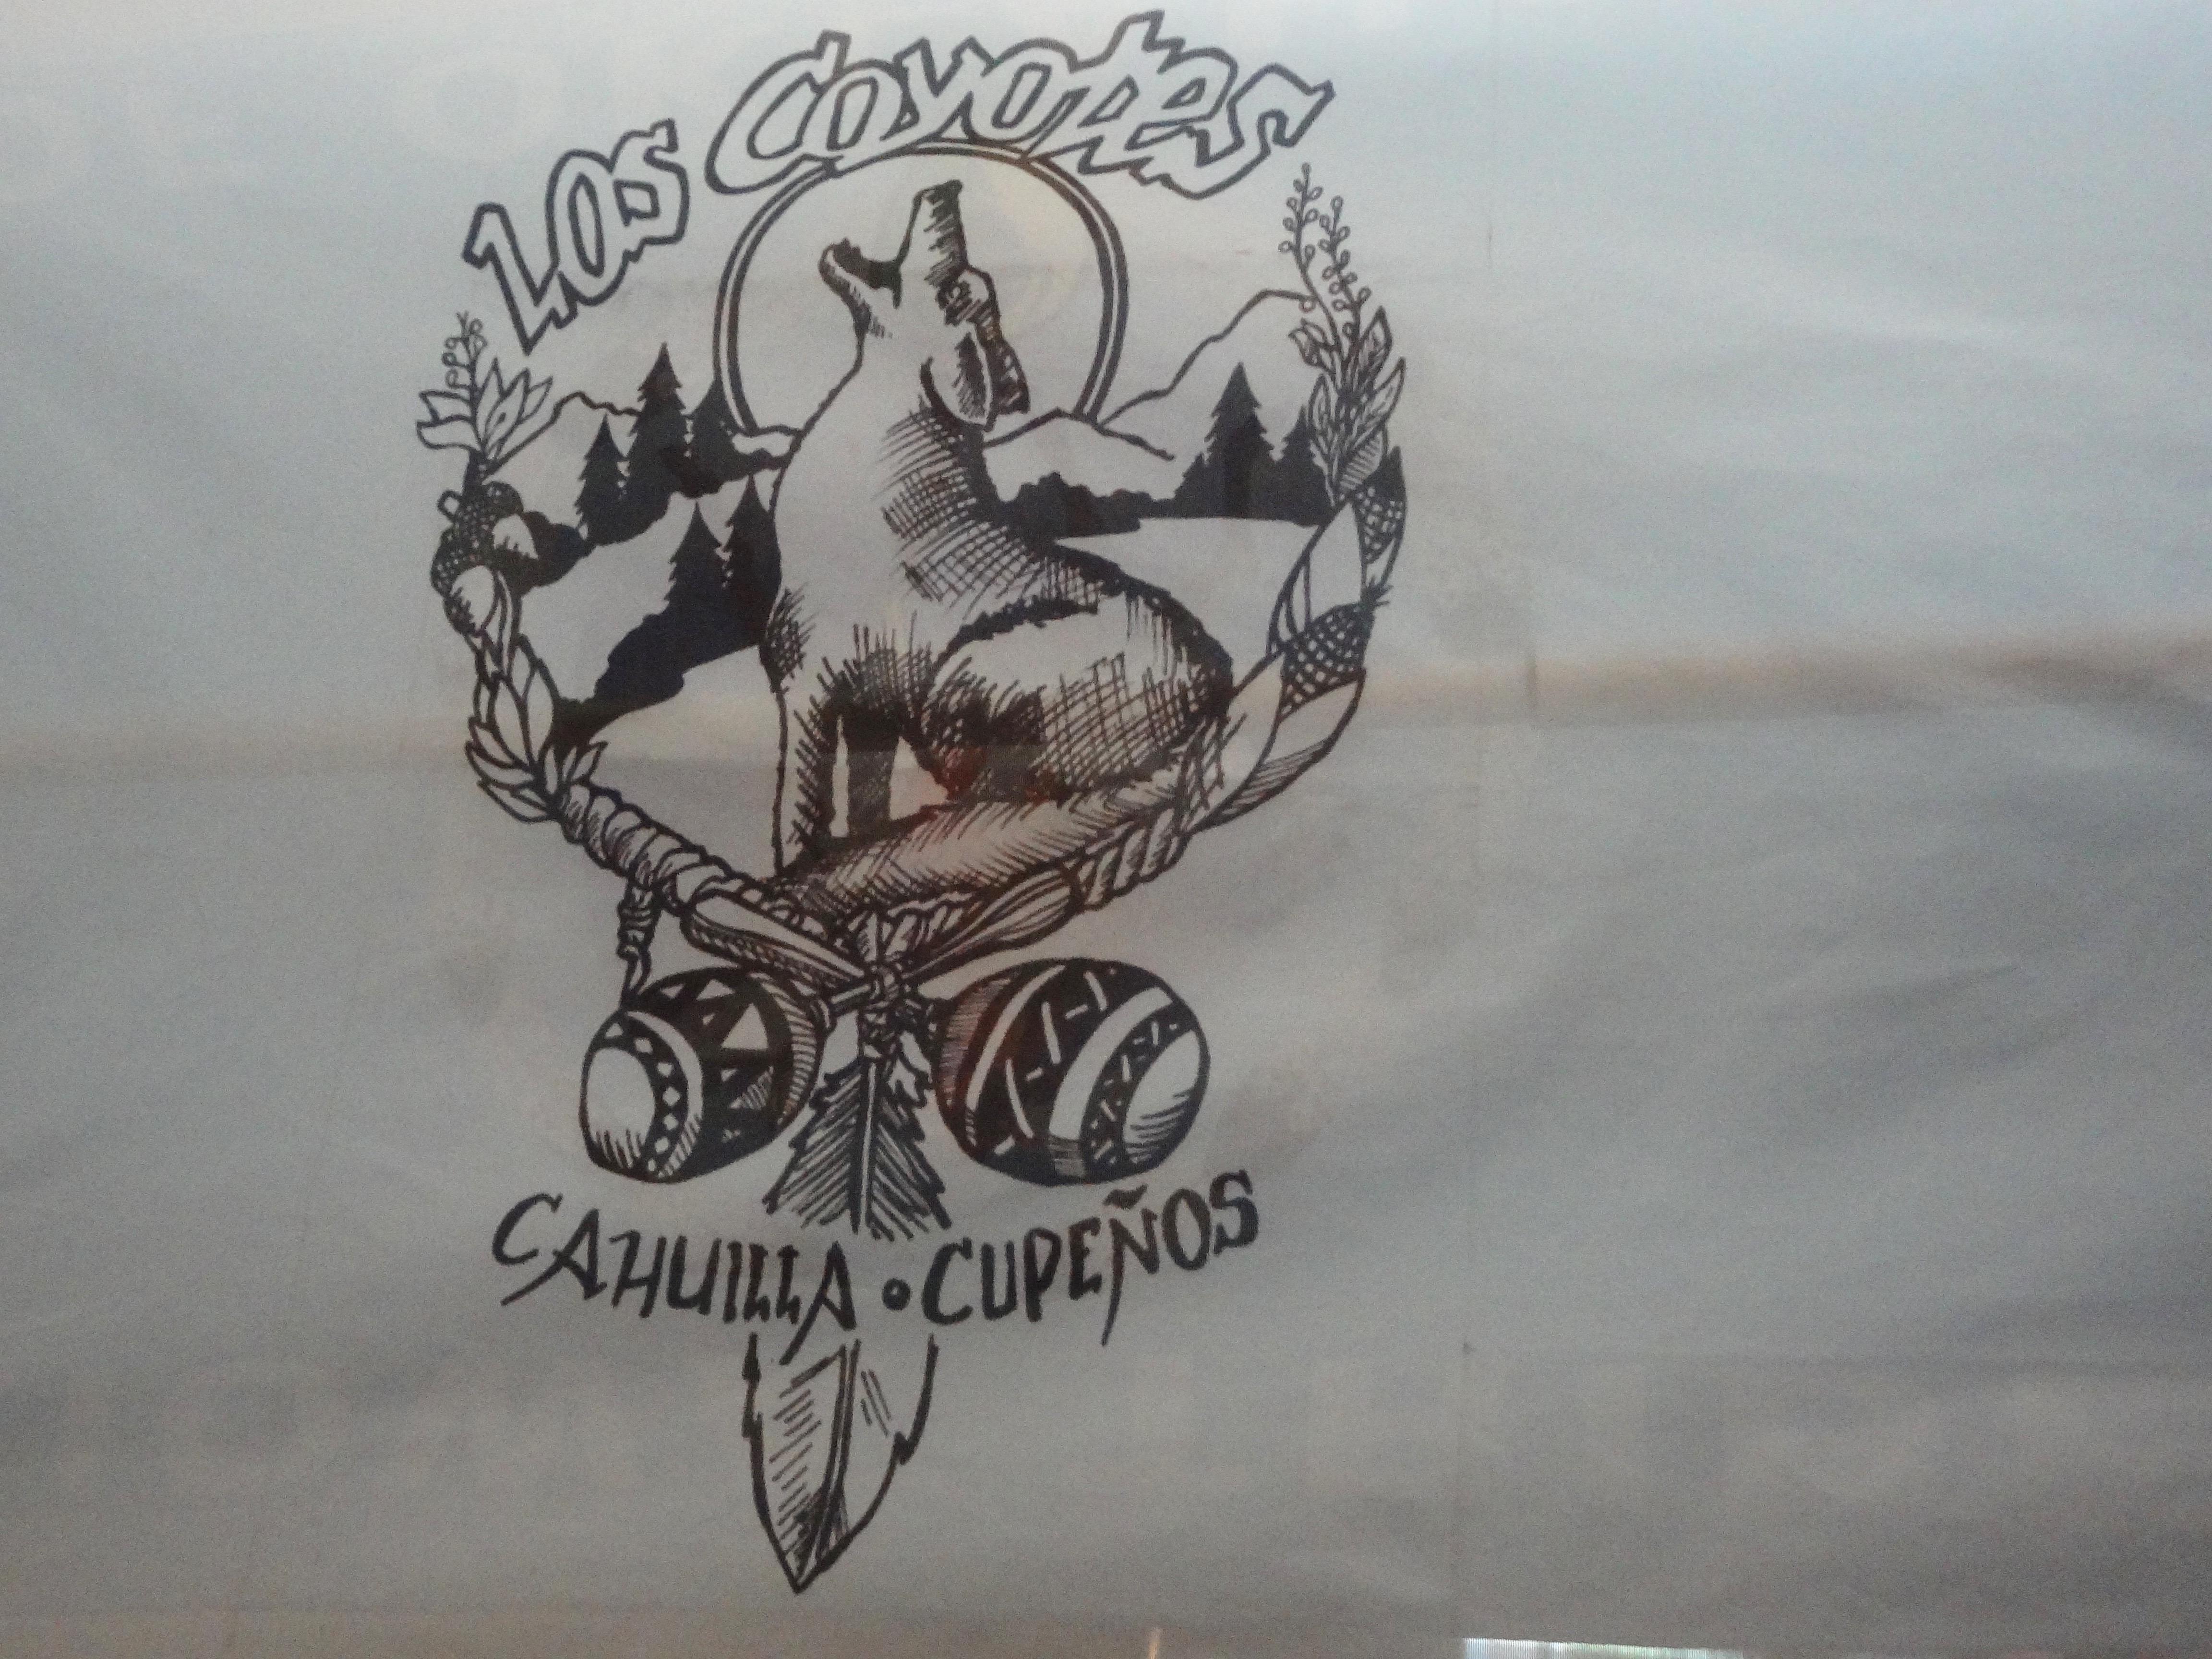 Los Coyotes Flag